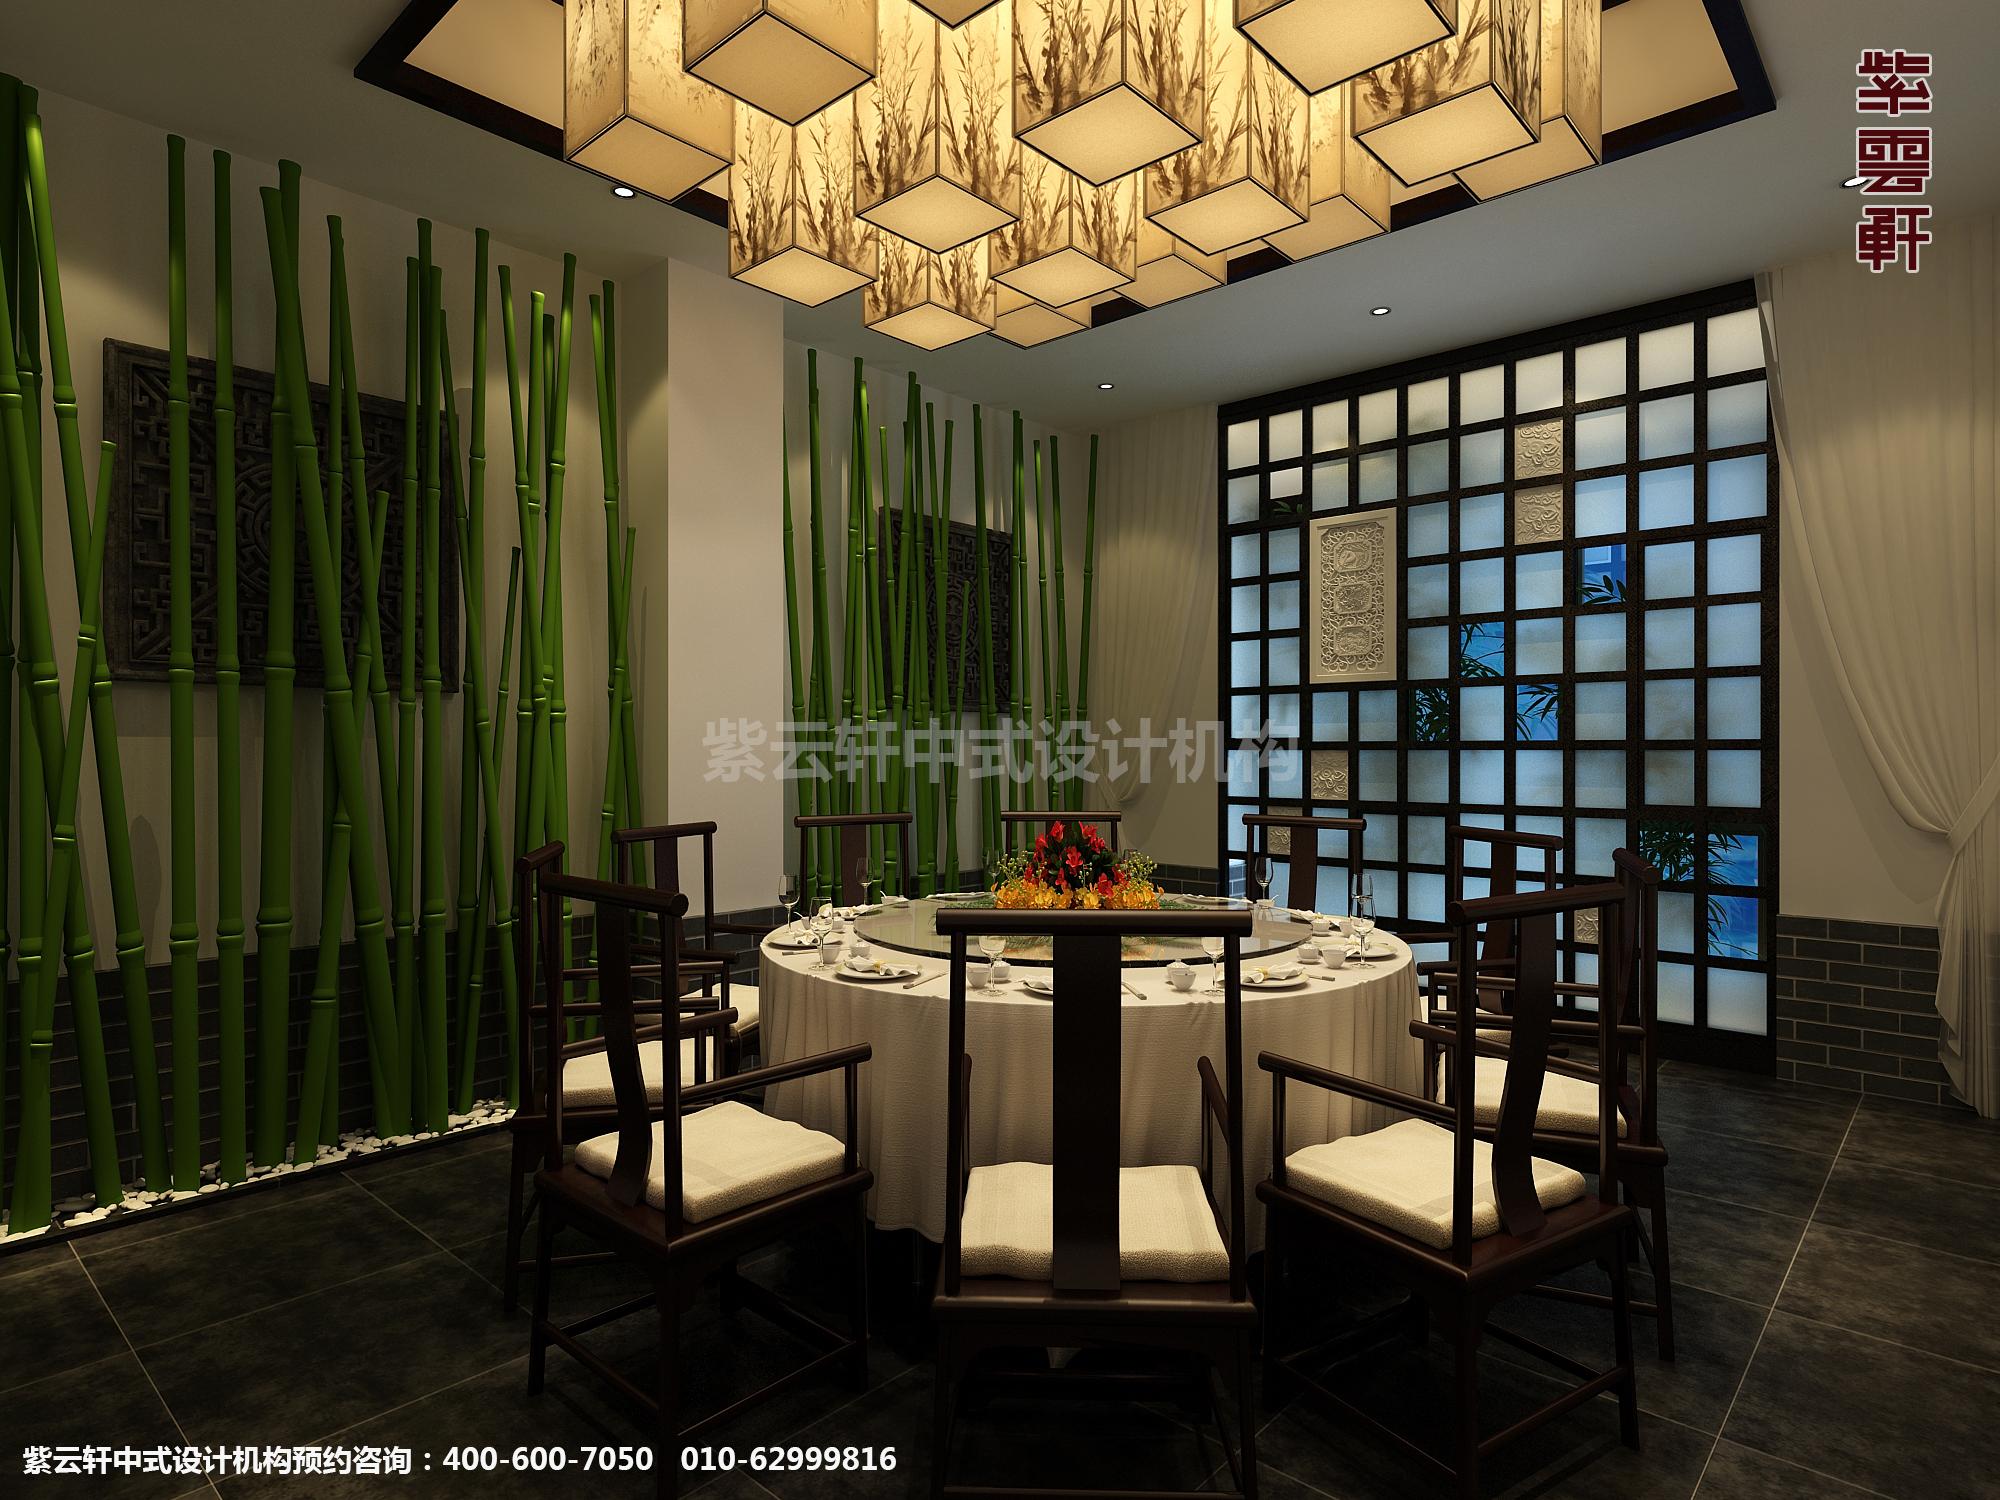 新中式风格高端商务会所设计案例 幽香凝然至雅至尊